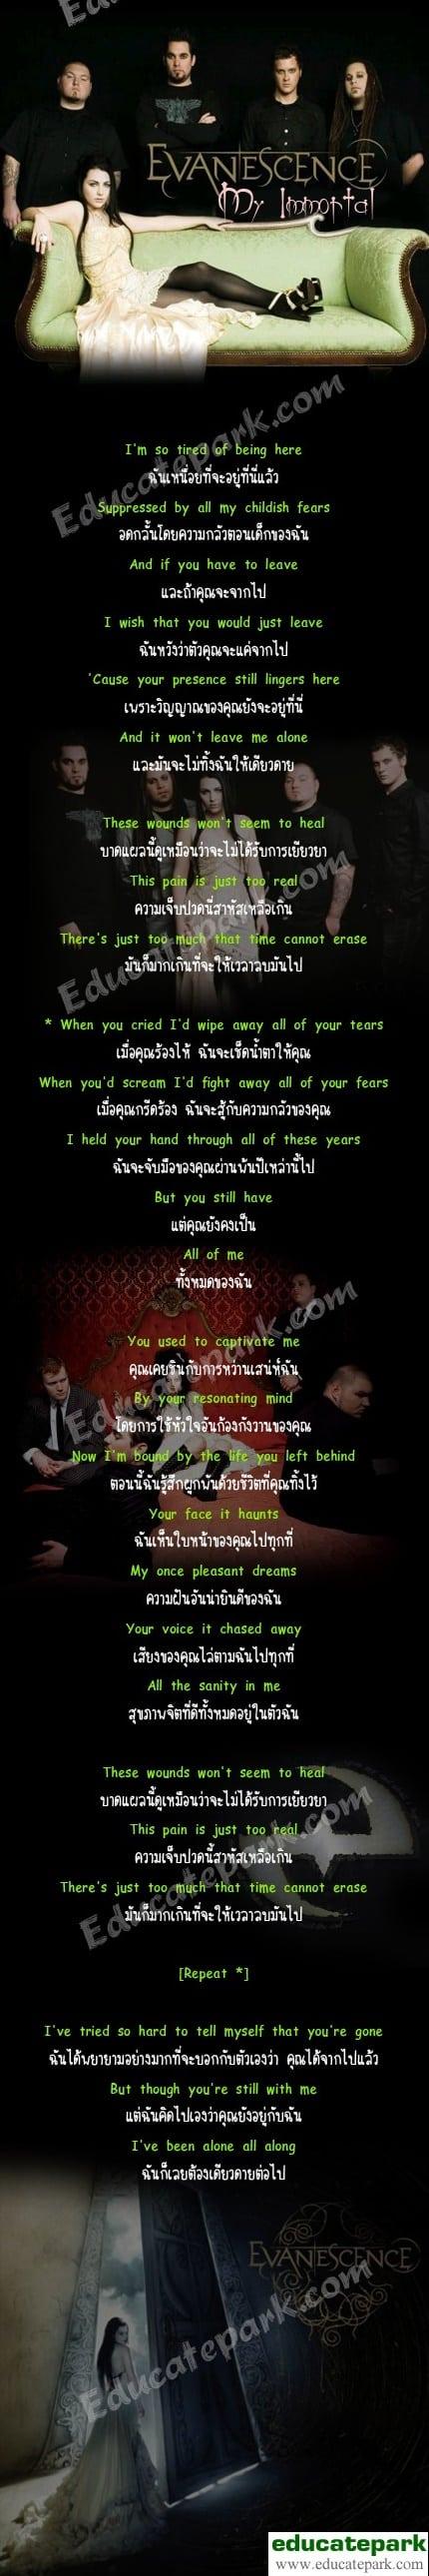 แปลเพลง My Immortal - Evanescence